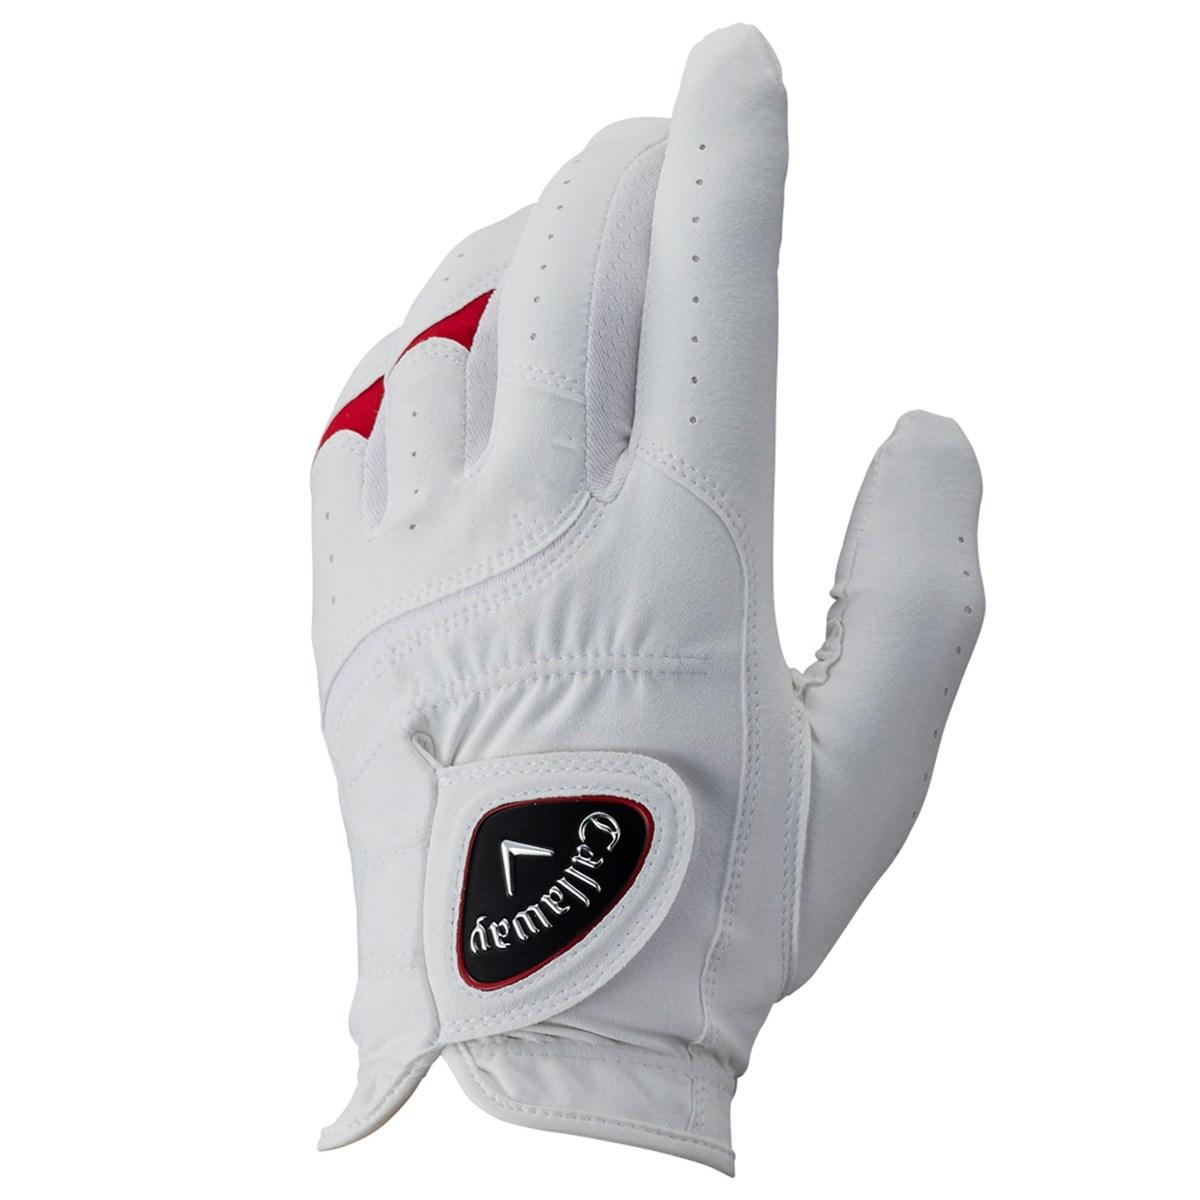 キャロウェイゴルフ Callaway Golf ALL WEATHER JM グローブ 21cm 左手着用(右利き用) ホワイト/レッド